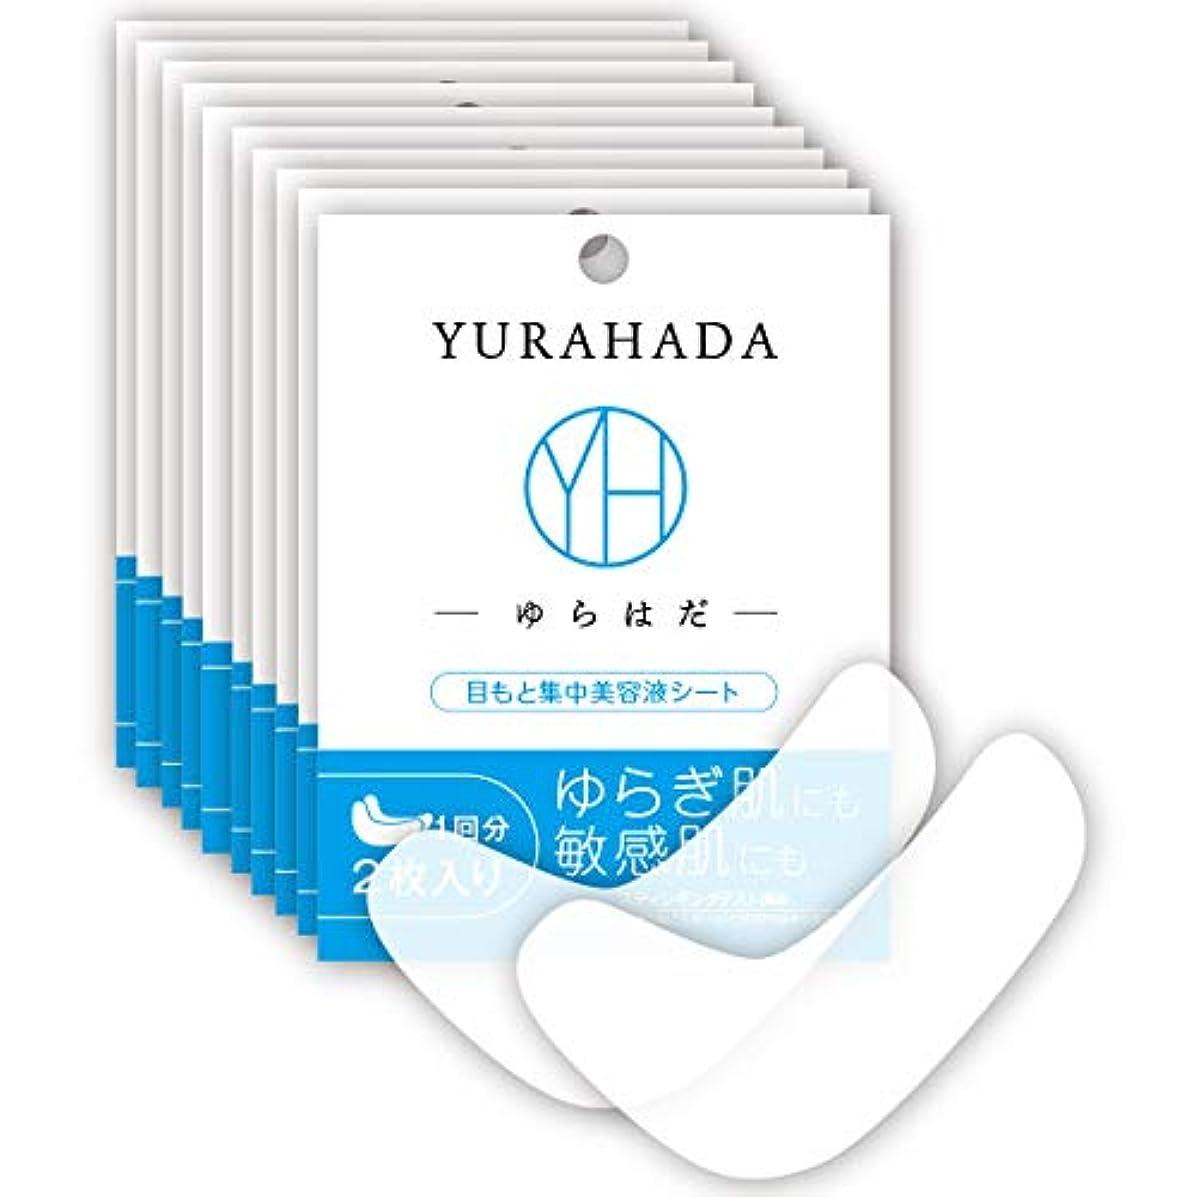 覚醒散文刈るYURAHADA目もと集中美容液シート(2枚入)10回セット